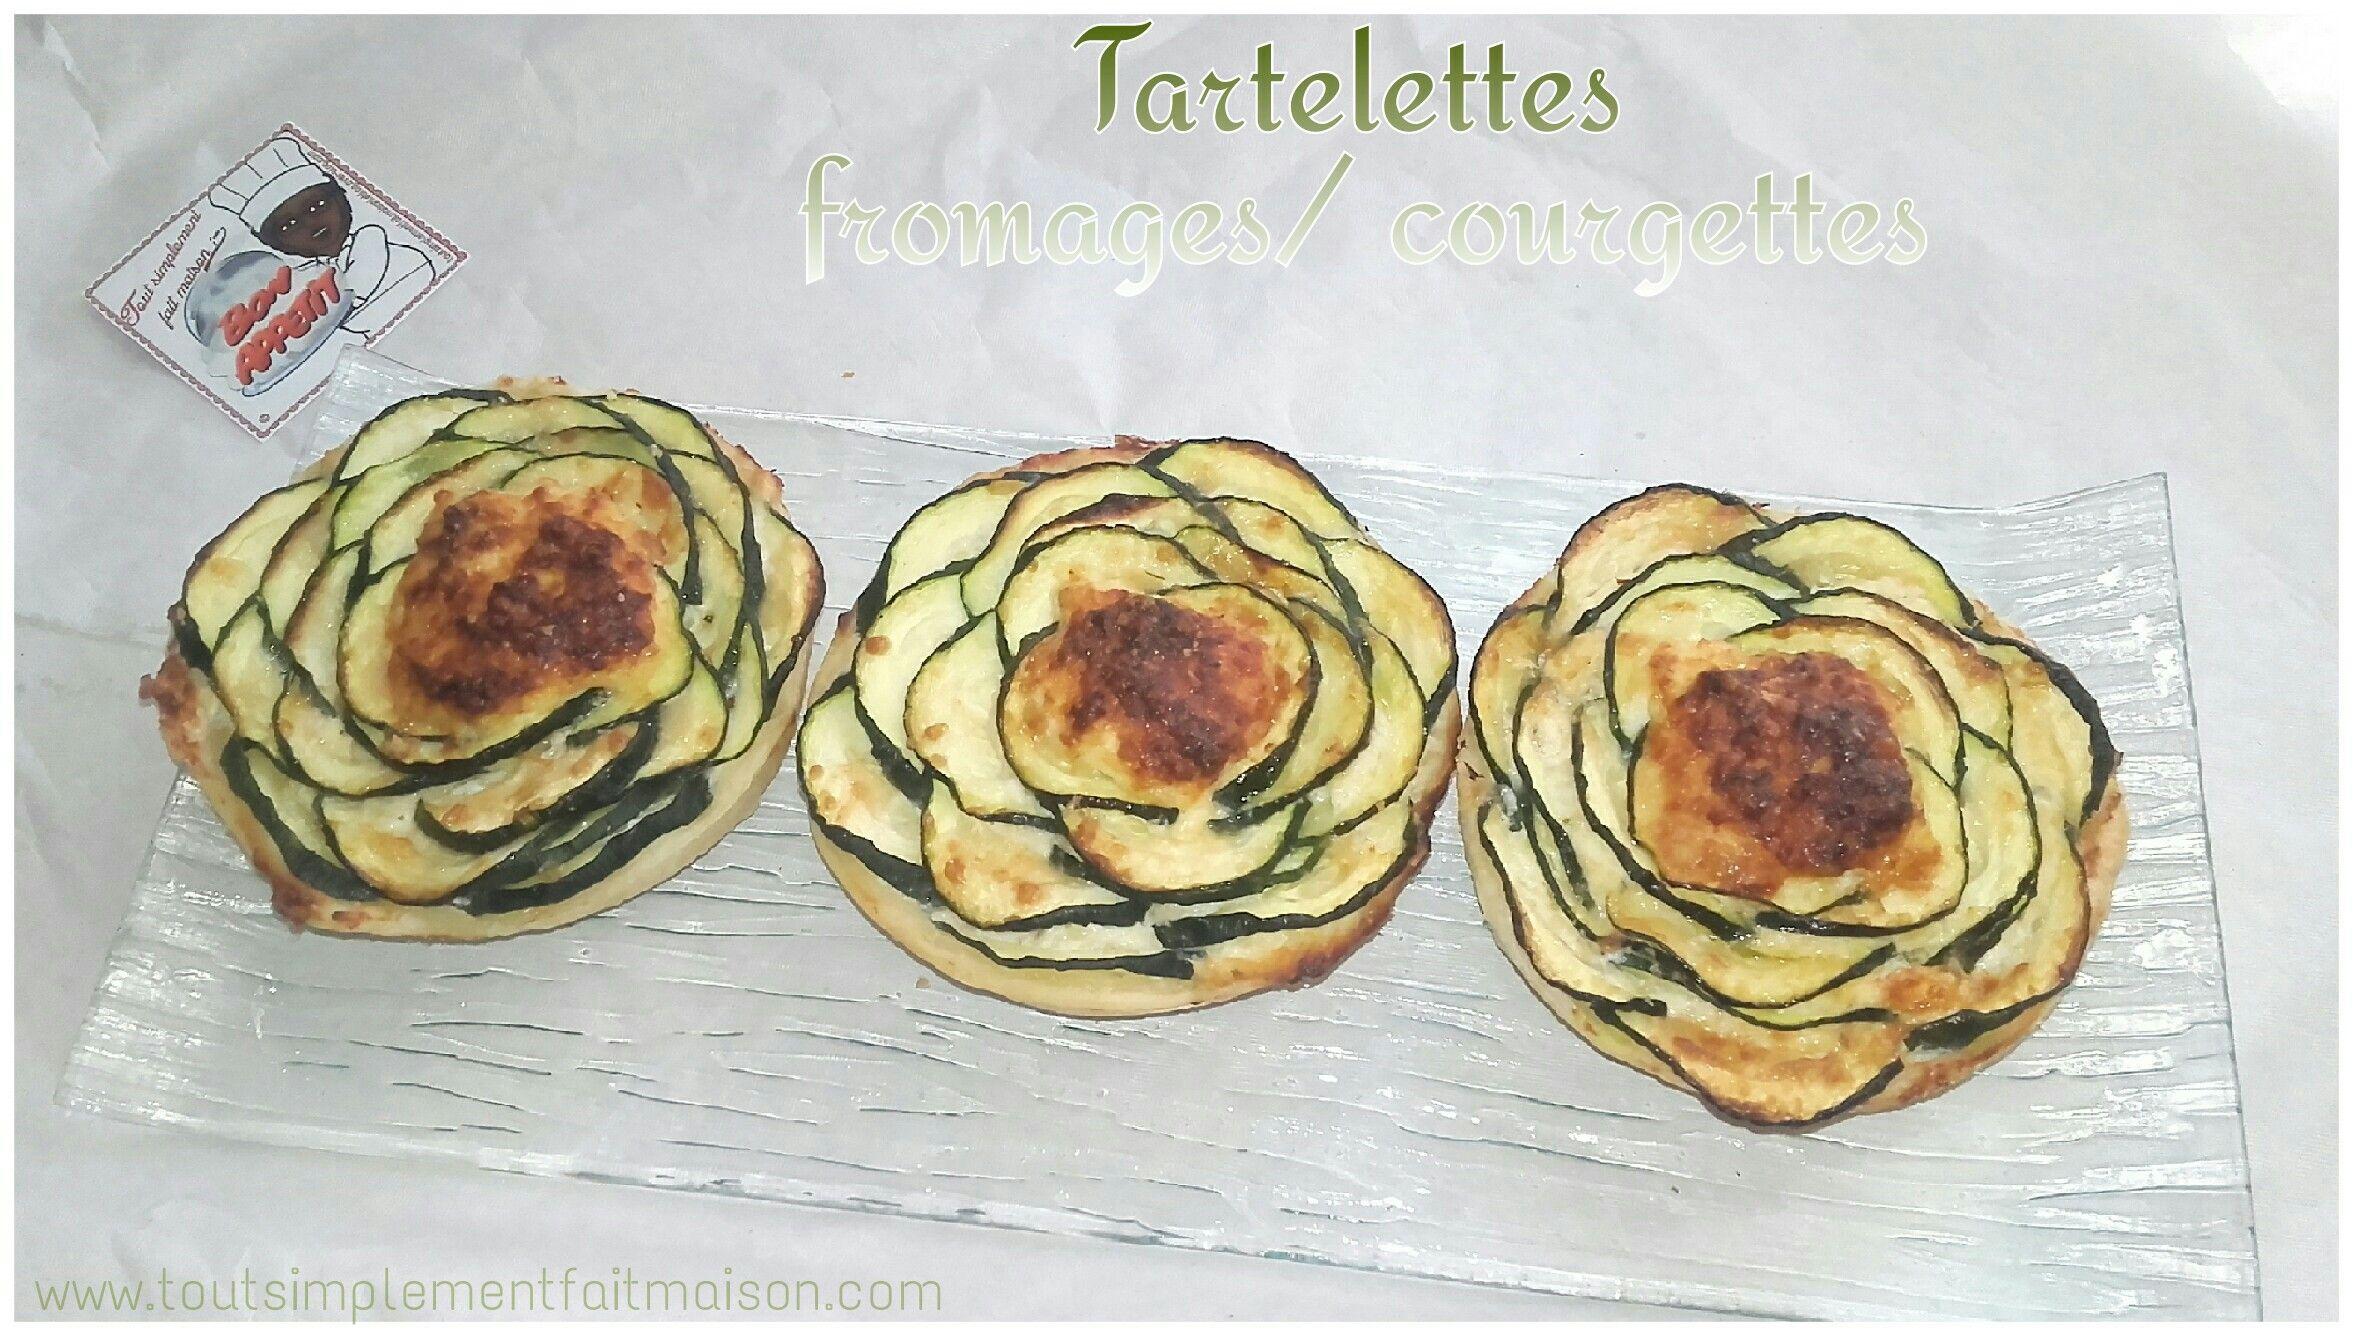 Tartelettes fromages/courgettes   Recette par ici⤵  http://www.toutsimplementfaitmaison.com/2016/05/tartelettes-fromages-courgettes.html